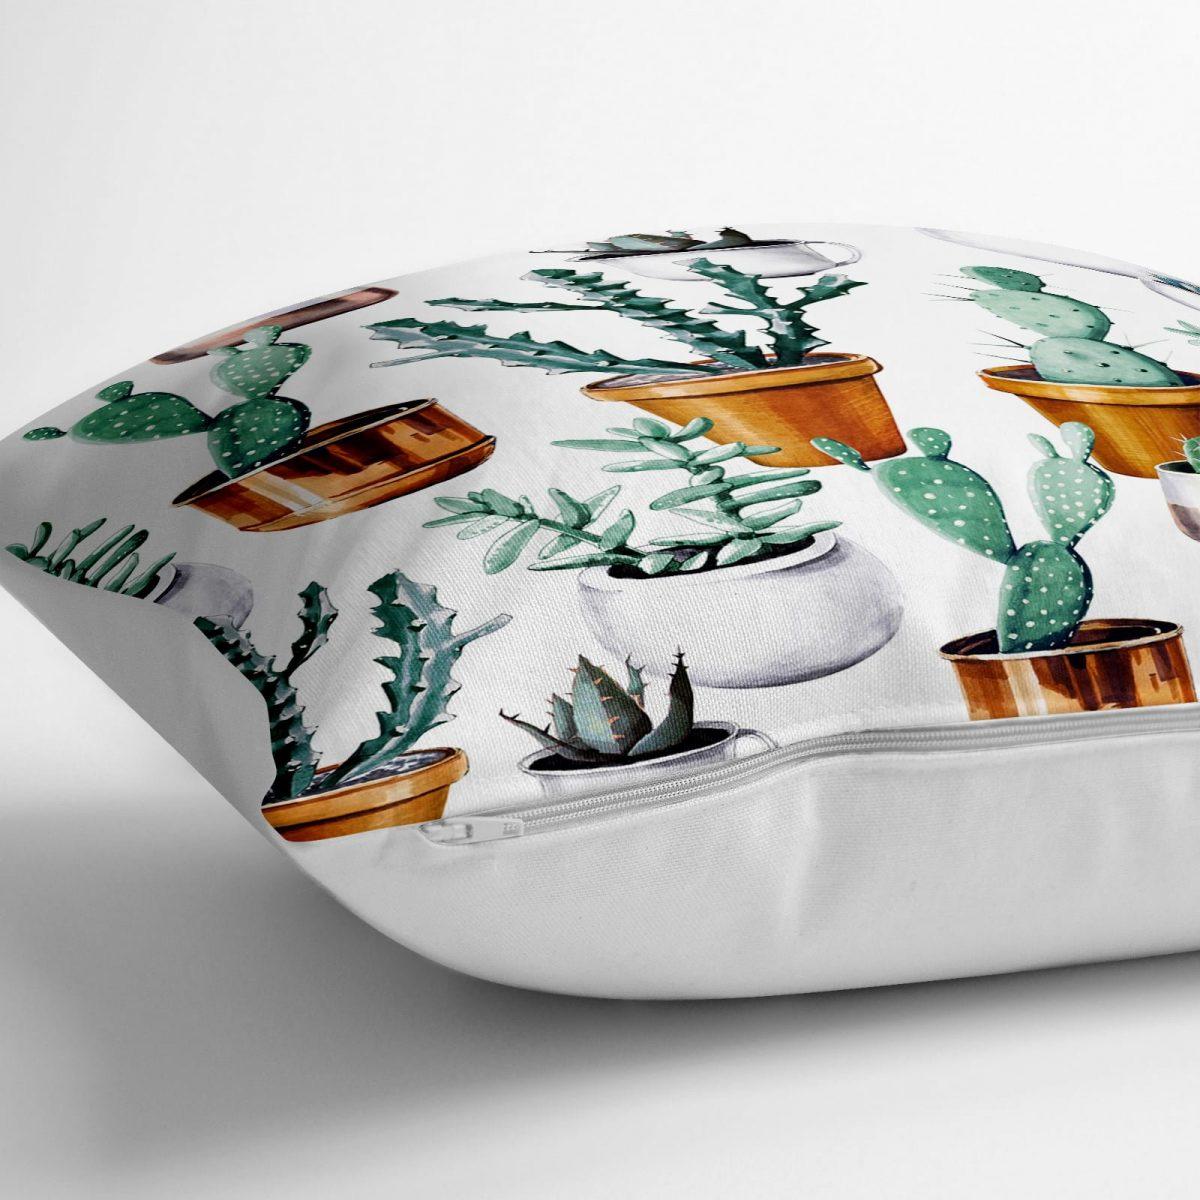 Kaktüs Baskılı Dekoratif Dijital Baskılı Yer Minderi - 70 x 70 cm Realhomes